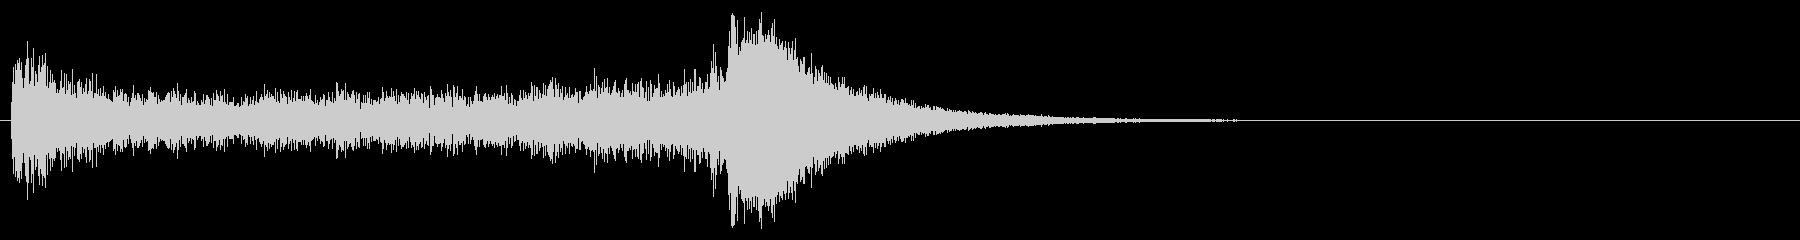 汎用07 ドラムロール(5秒でシンバル)の未再生の波形